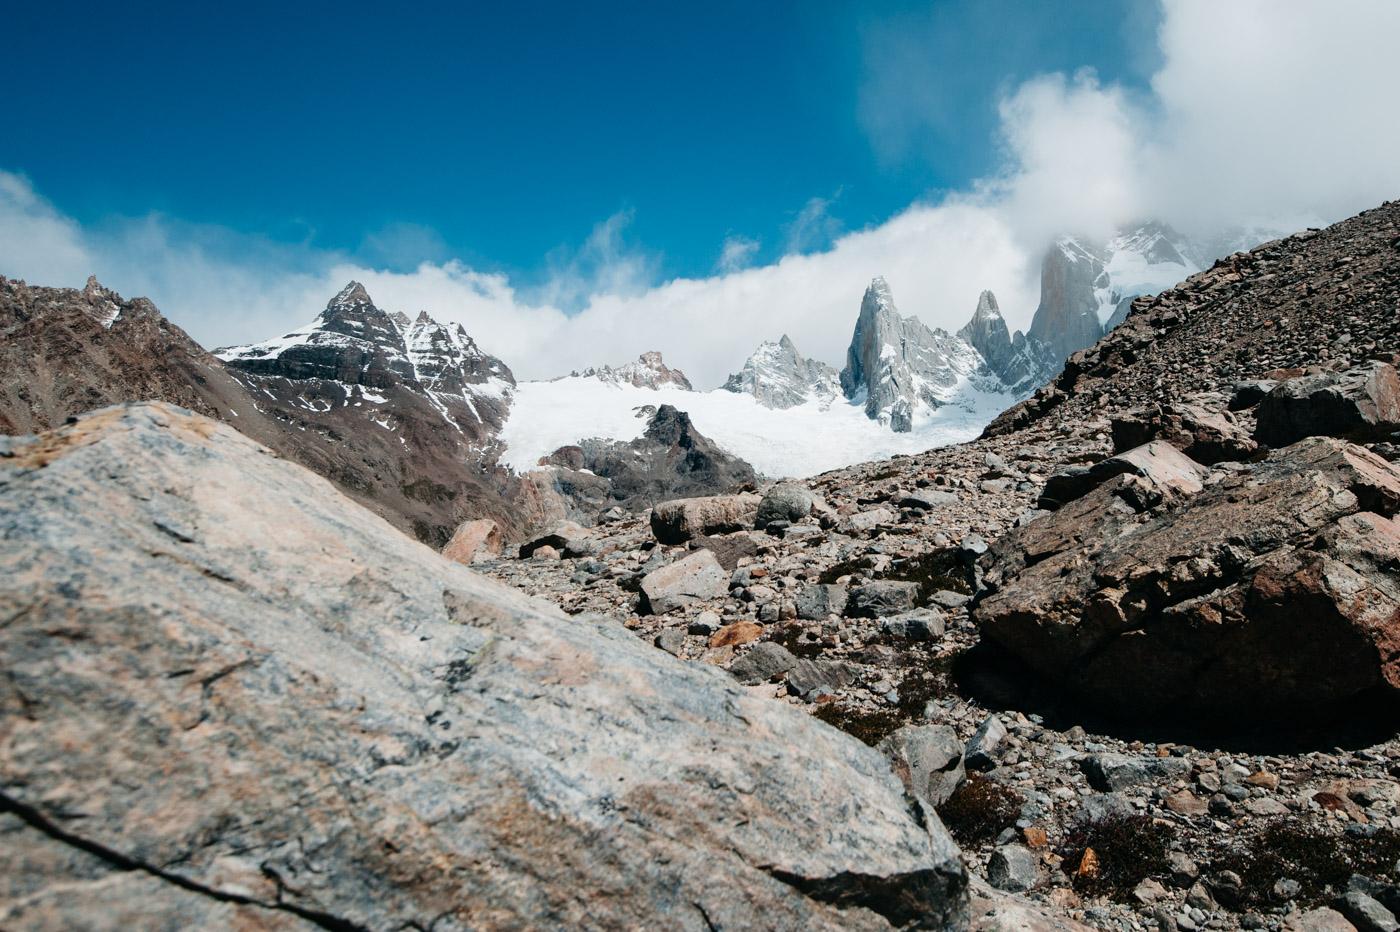 Argentina Patagonia ElChalten FitzRoy LagunaDeLosTres-007